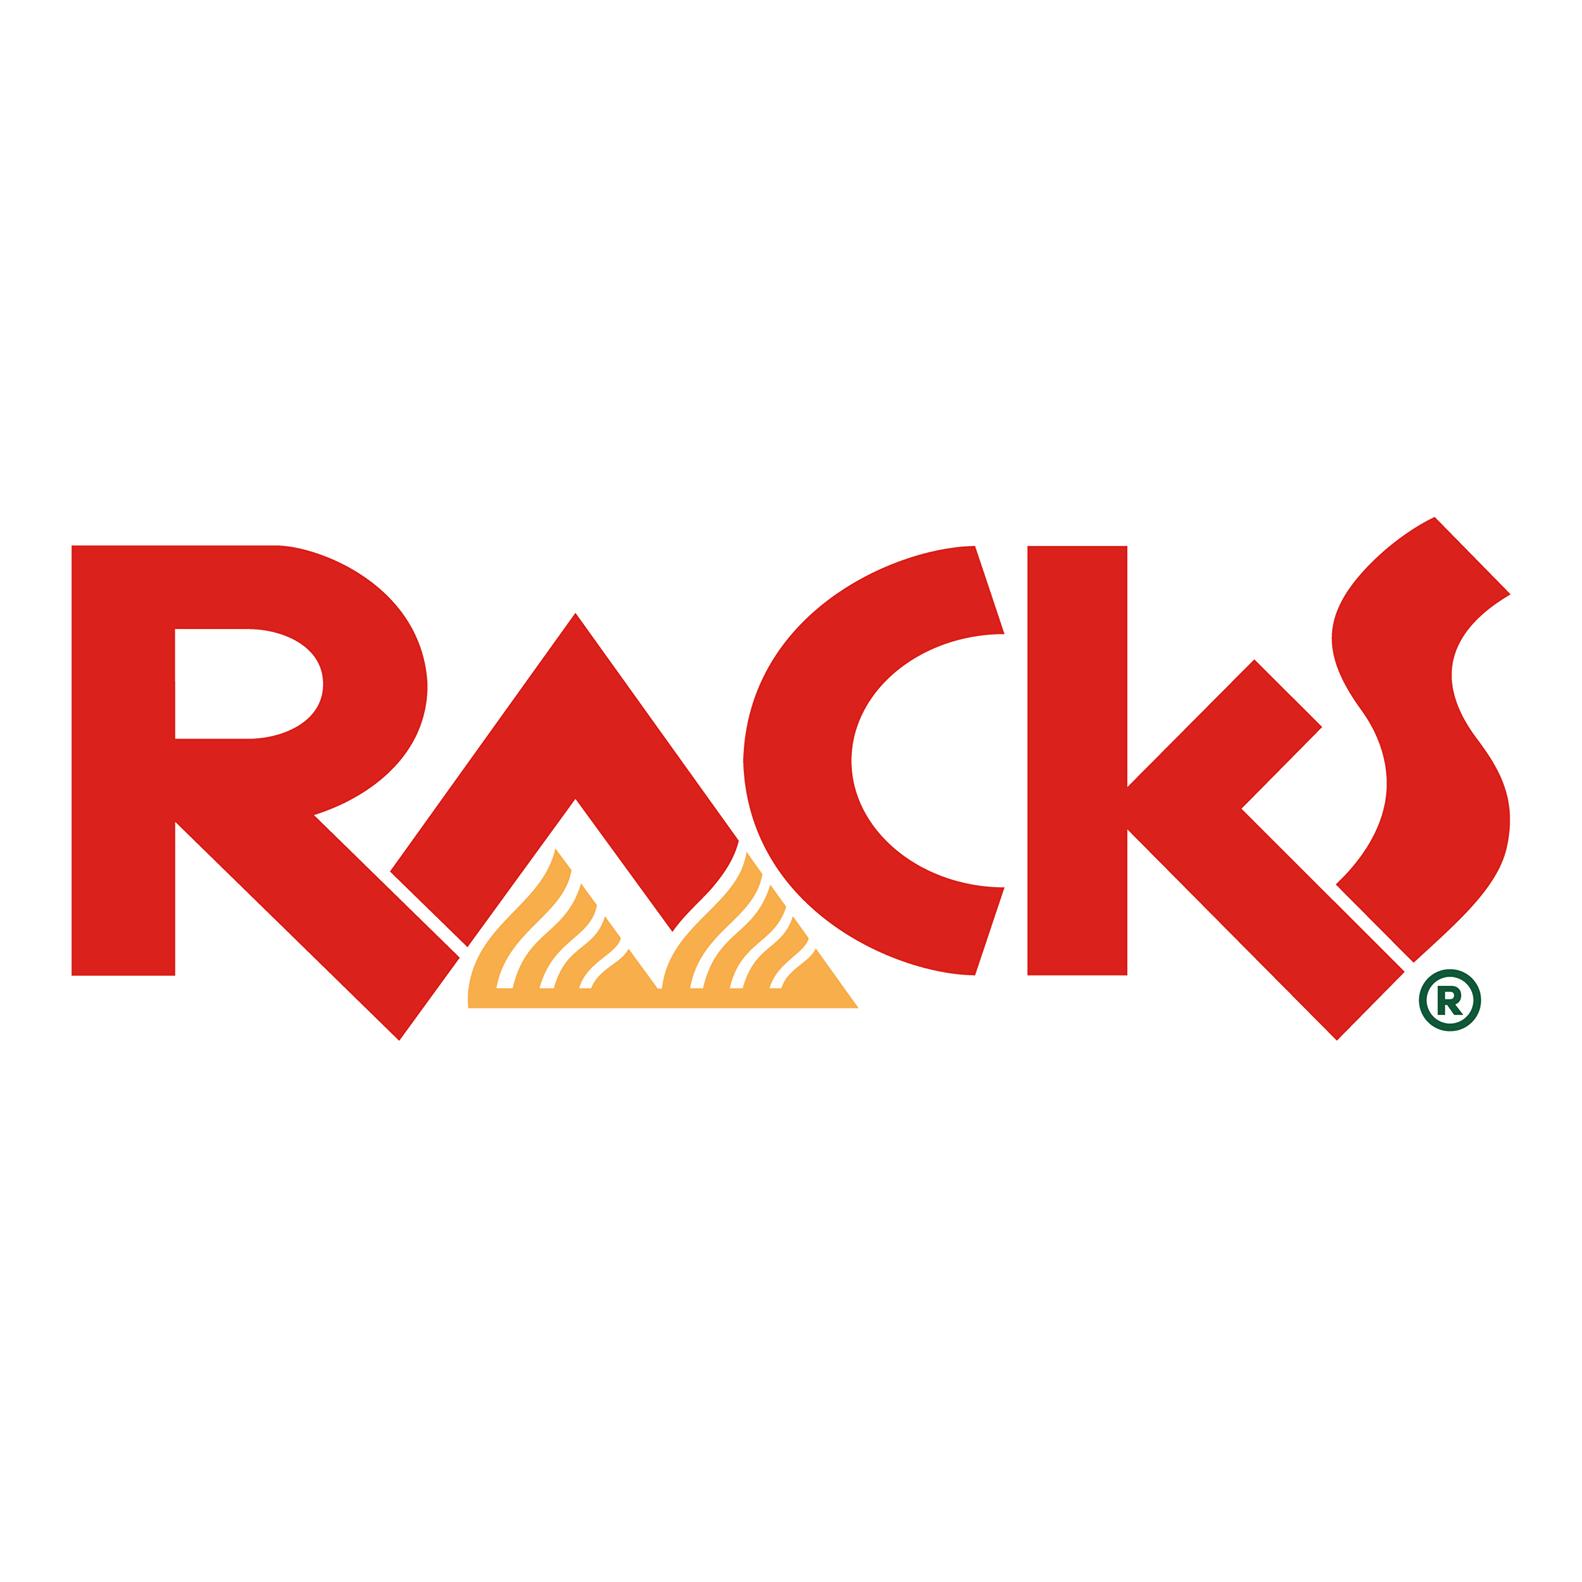 RACKS (Aseana, Paranaque City) Paranaque City